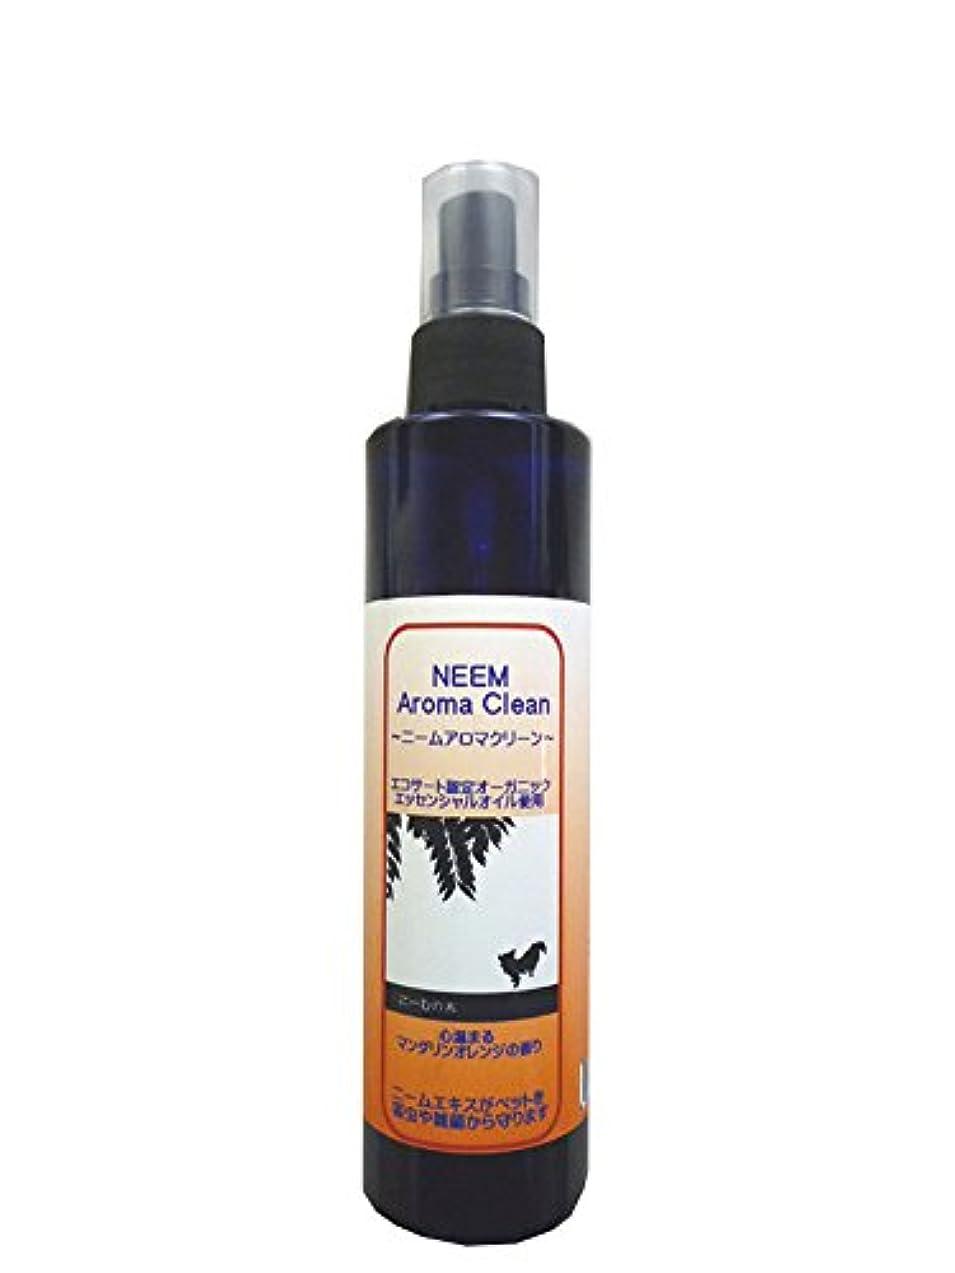 意識的スカープ対話ニームアロマクリーン(マンダリンオレンジ) NEEM Aroma Clean 200ml 【BLOOM】【(ノミ?ダニ)駆除用としてもお使いいただけます。】